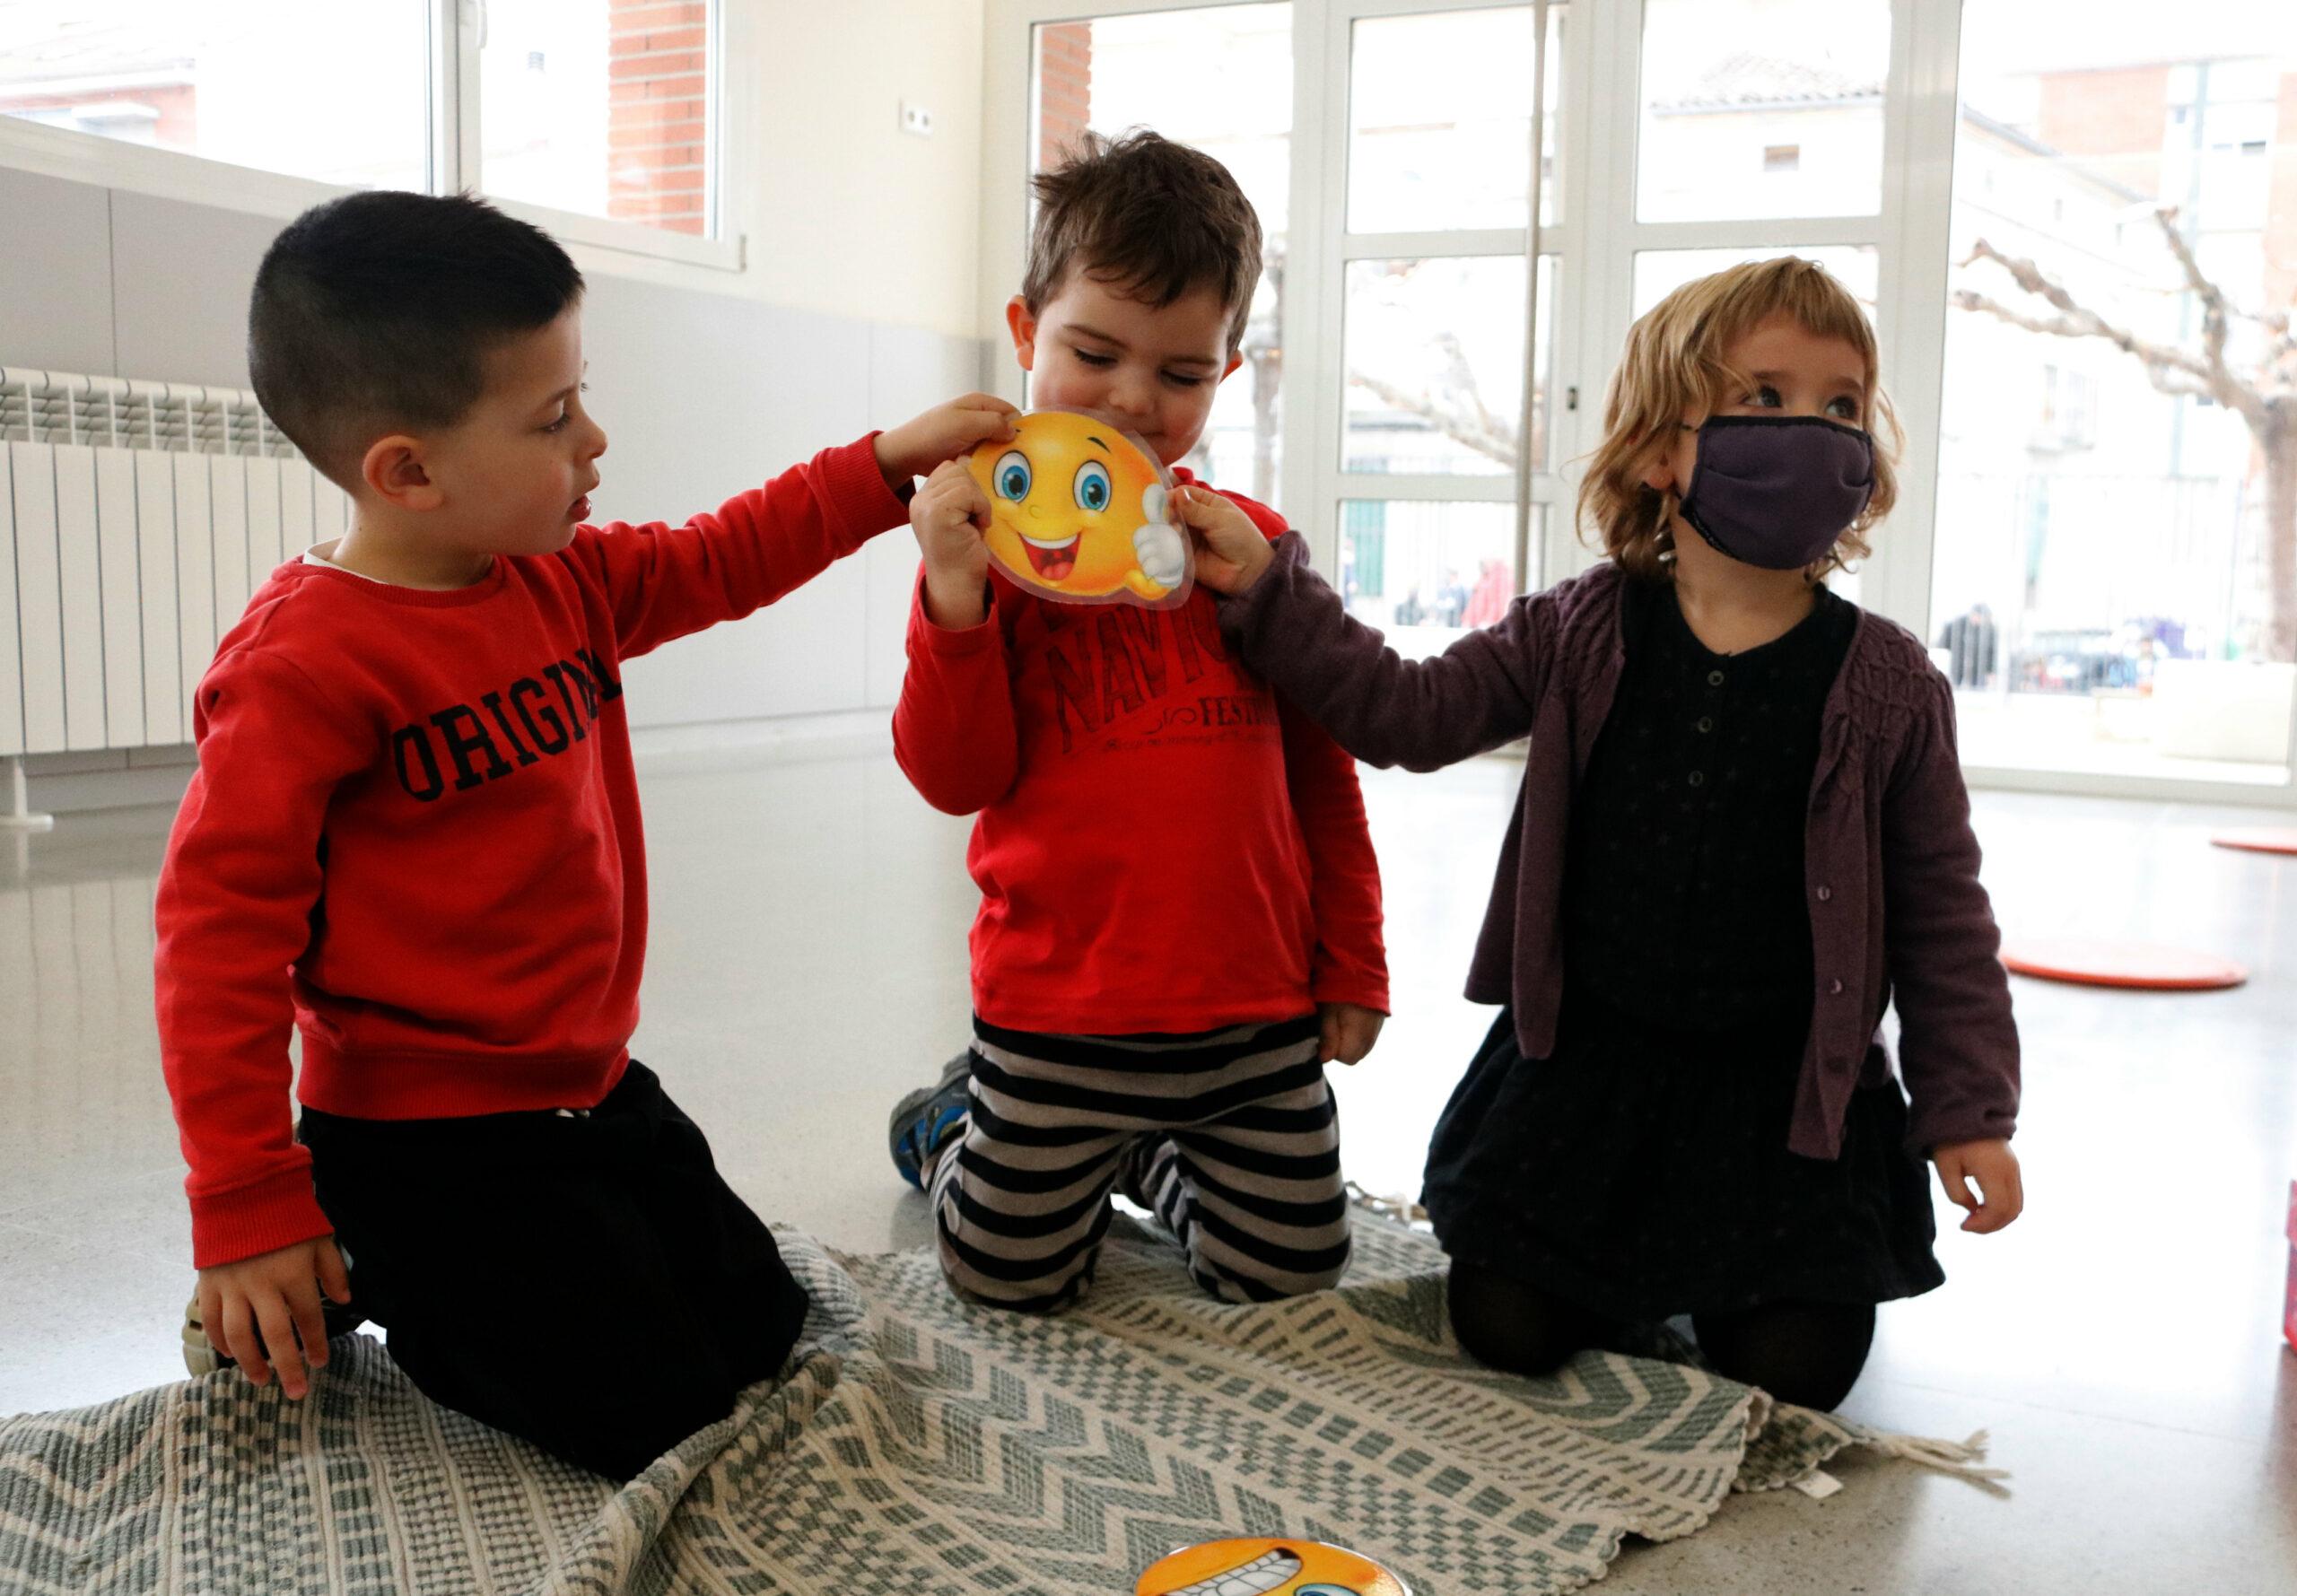 Tres alumnes de P-3 mostrant el seu estat d'ànim a través d'una emoticona | ACN